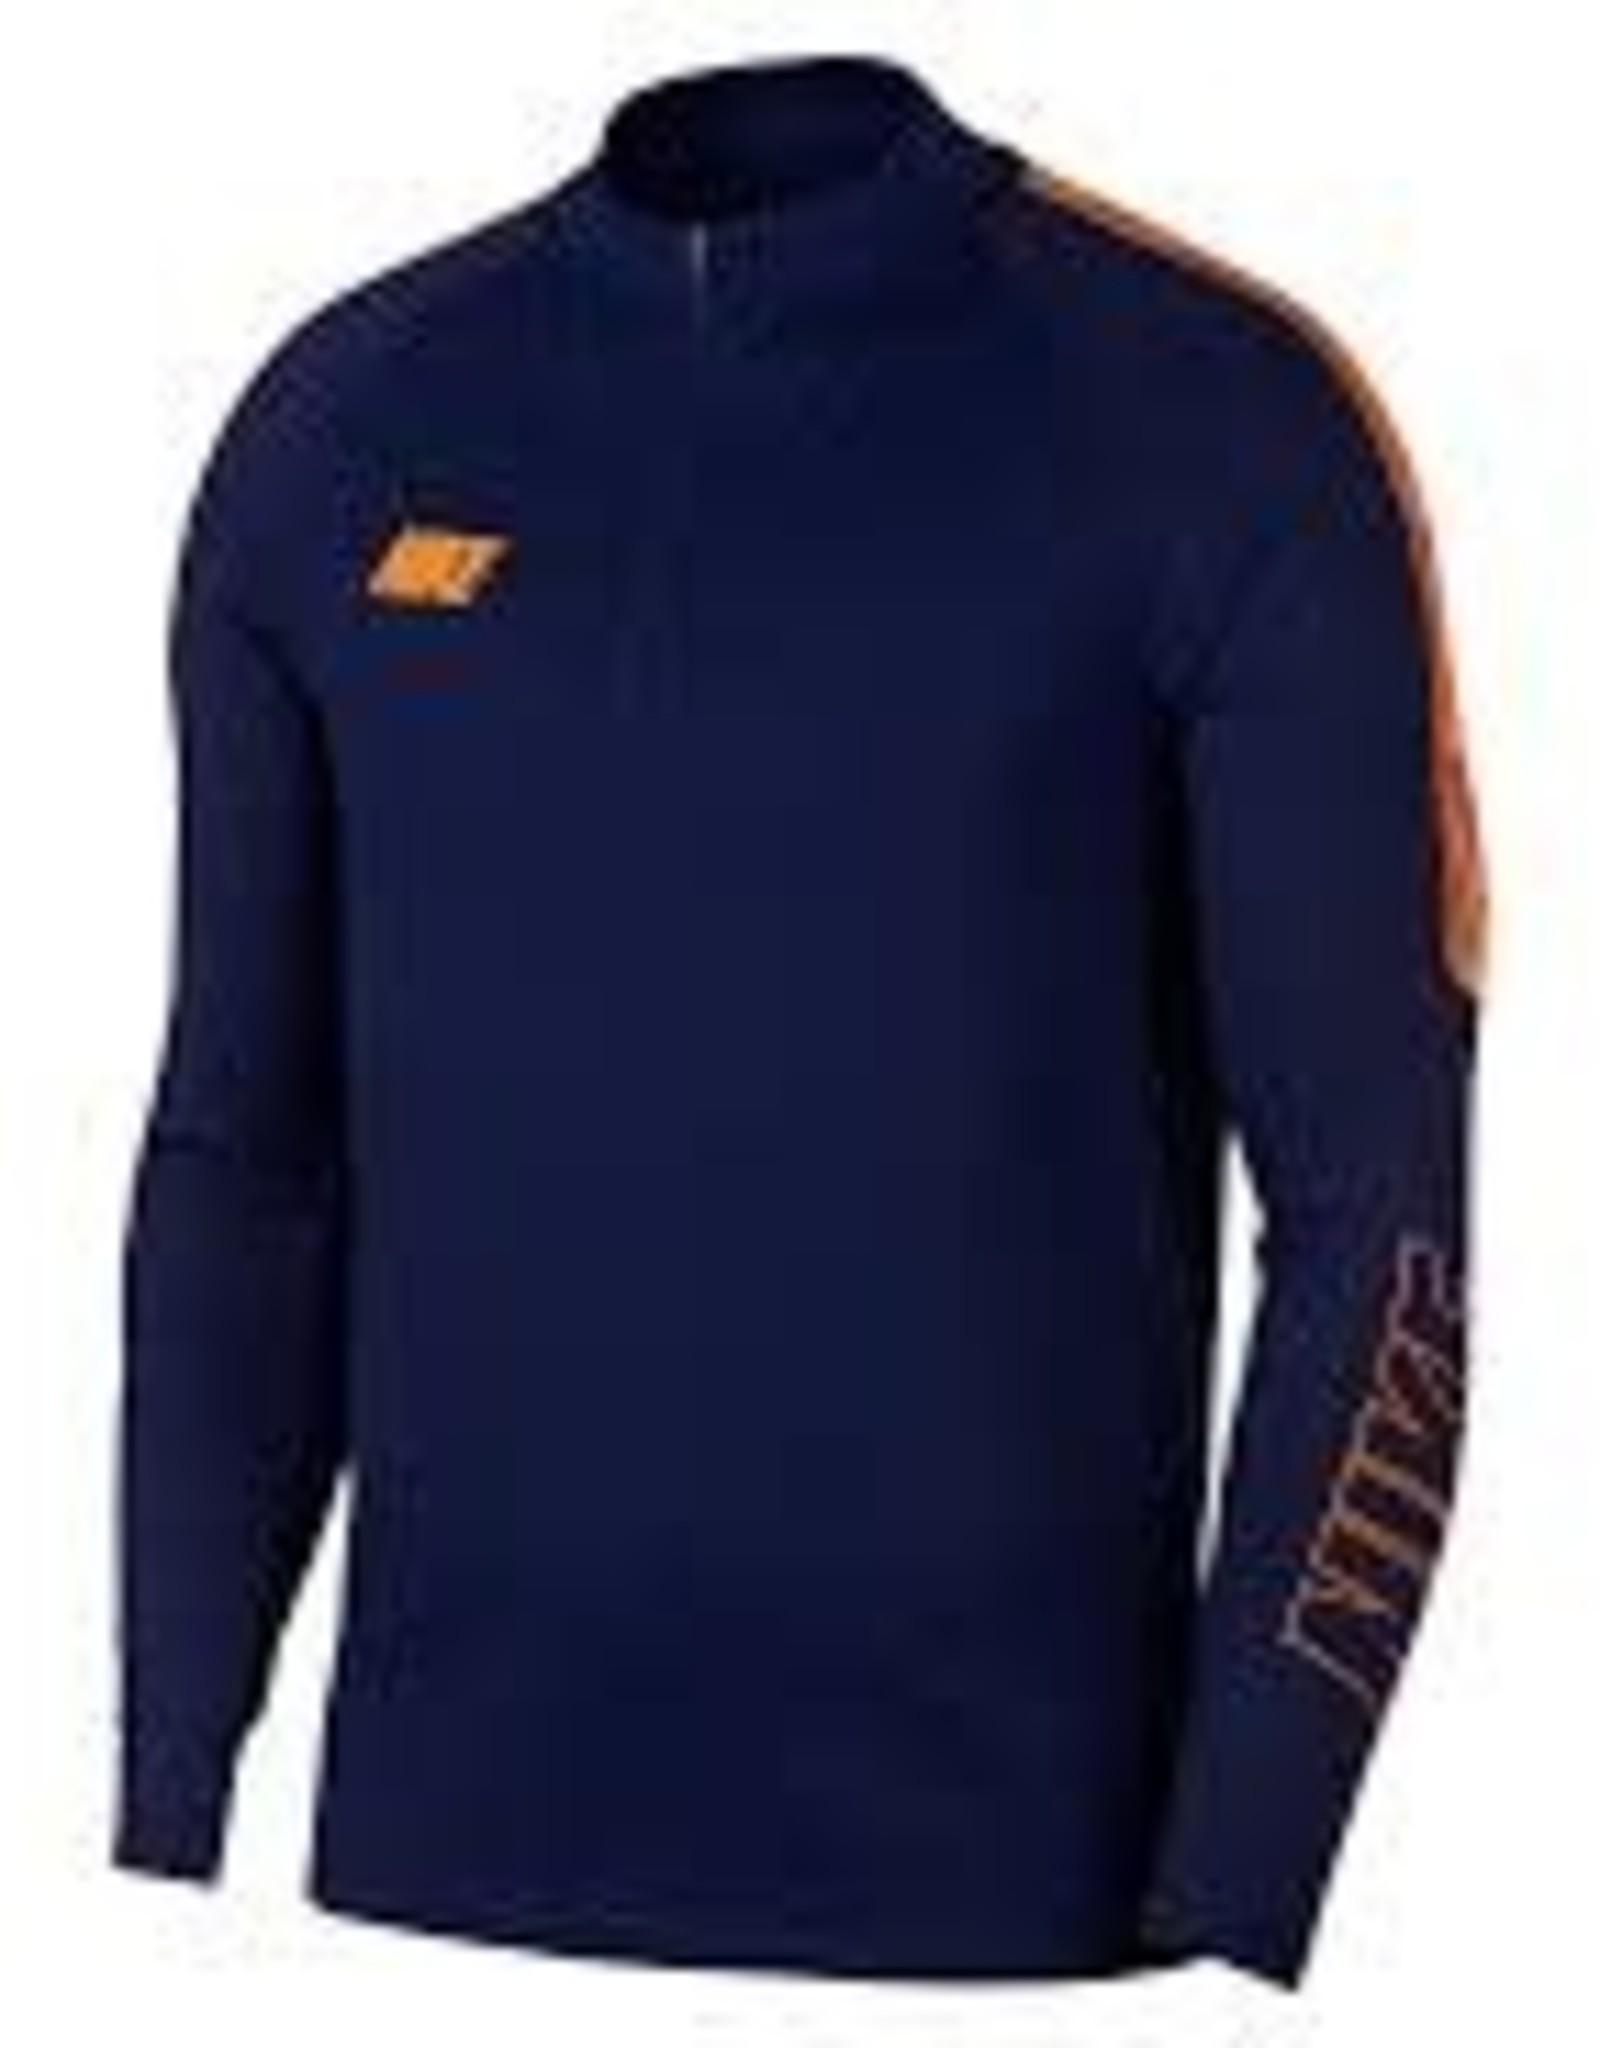 Nike ziptop sr bq3772